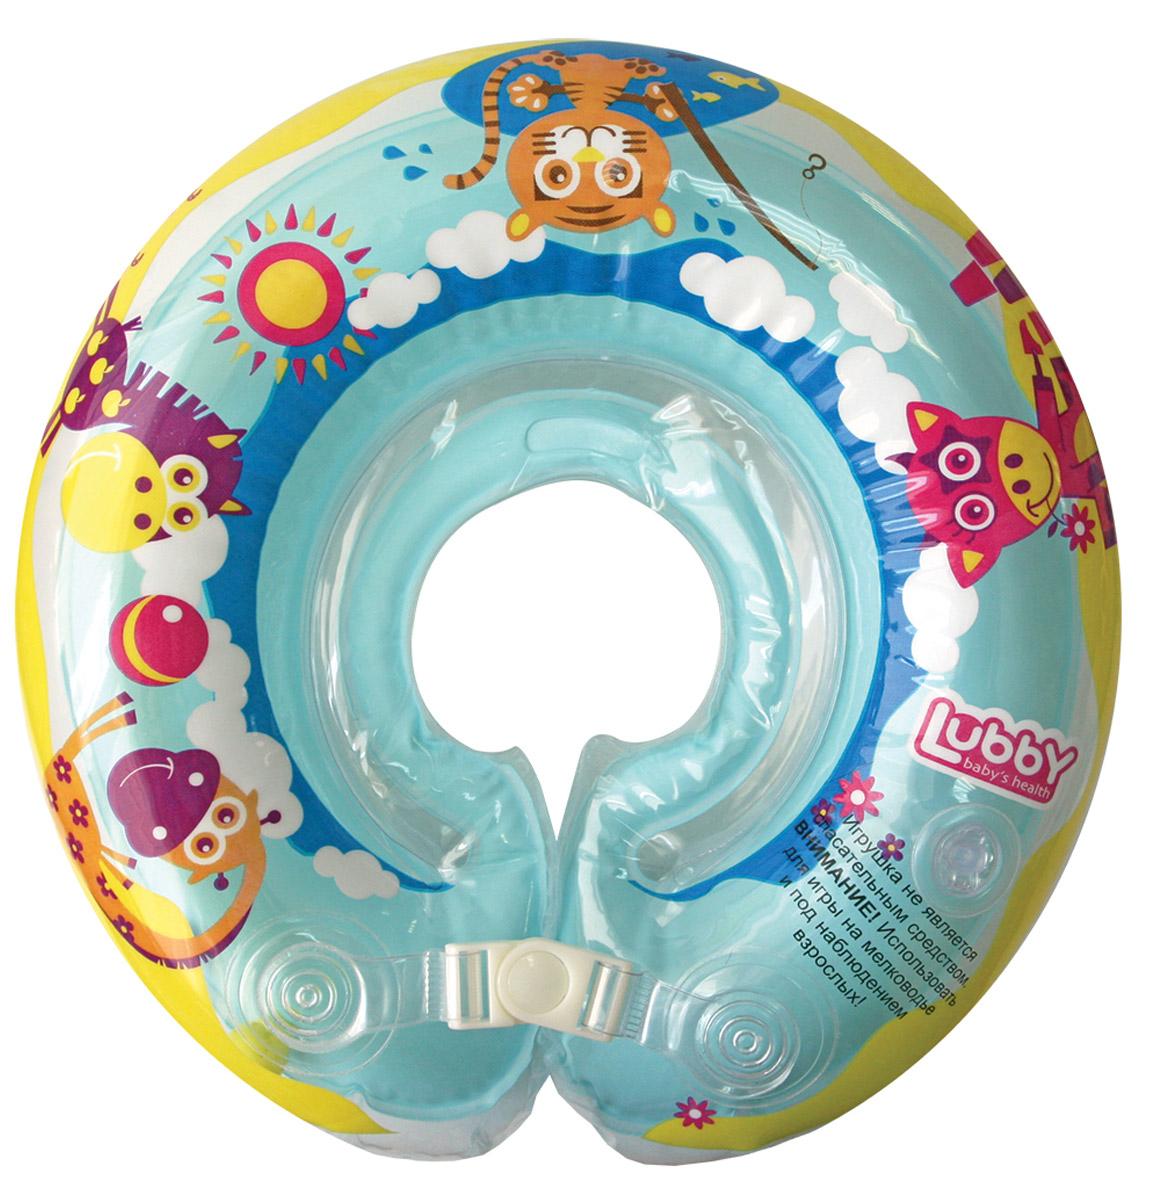 Lubby Круг на шею для купания14740Круг на шею для купания Lubby облегчит процесс купания для мамы и подарит море незабываемых эмоций малышу. Для обеспечения большей безопасности, круг состоит из двух камер, комплектуется пластиковой застежкой и липучкой. В одной из камер расположены 2 шарика, которые издают приятный звук и привлекают внимание ребенка. Внутренние швы на круге очень мягкие и эластичные - это позволит обезопасить от царапин нежную кожу малыша во время купания. Специальная выемка на внутренней стороне круга поможет надежно зафиксировать подбородок ребенка. Игрушка оснащена двумя ручками, за которые малышу будет удобно держаться. Игры на воде эффективно развивают физическое и эмоциональное состояние ребенка, а процесс купания подарит много радости и улыбок.